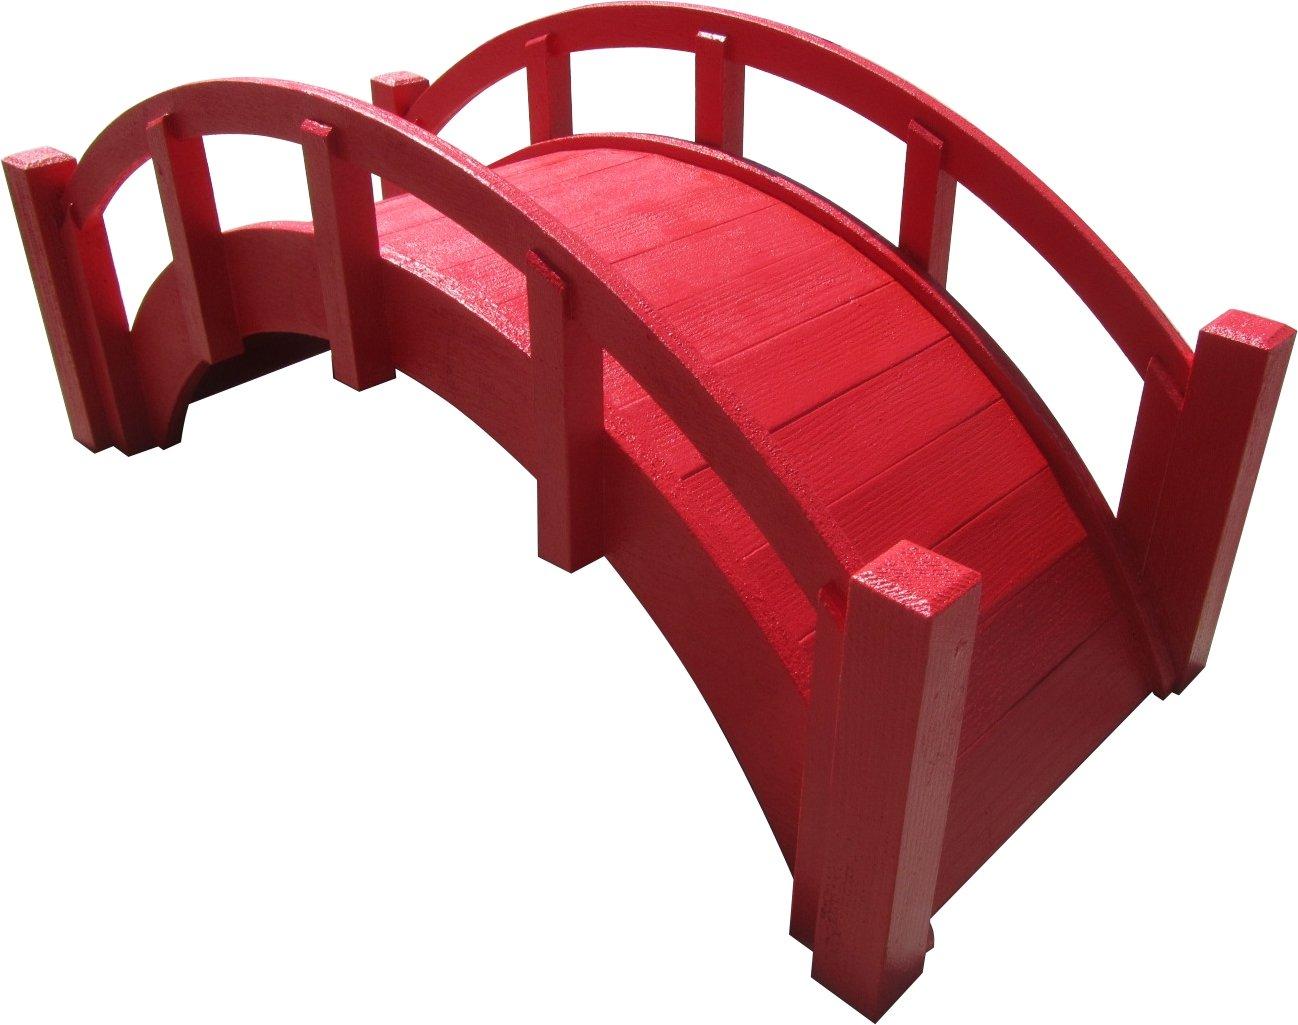 """SamsGazebos Miniature Japanese Wood Garden Bridge, Red, Assembled, 25"""" Long X 11"""" Tall X 11-1/2"""" Wide, Made in USA"""